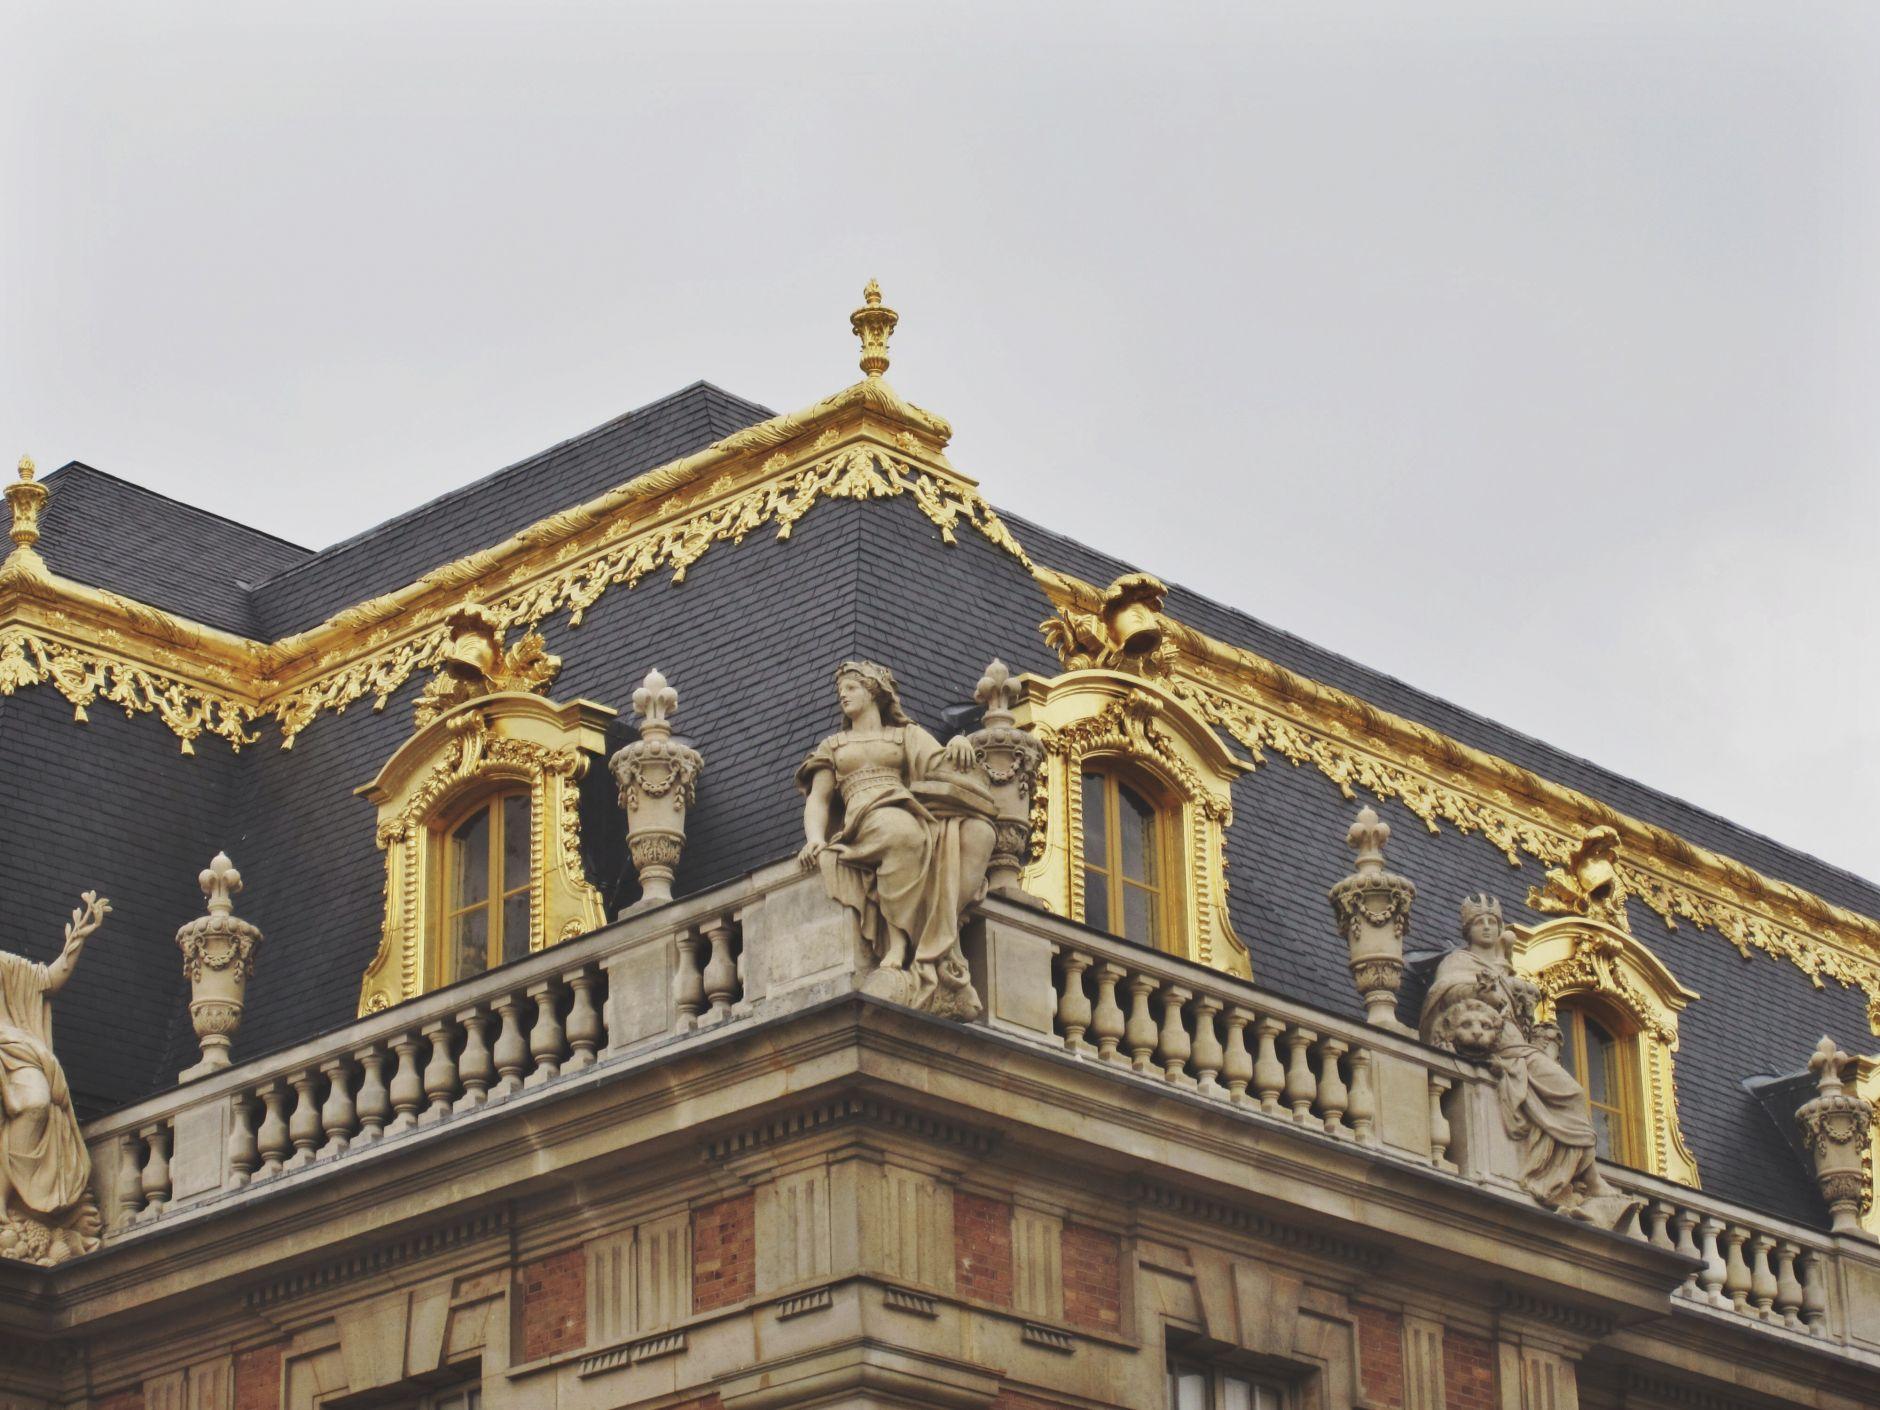 Château-de-Versailles-disi-couture-01